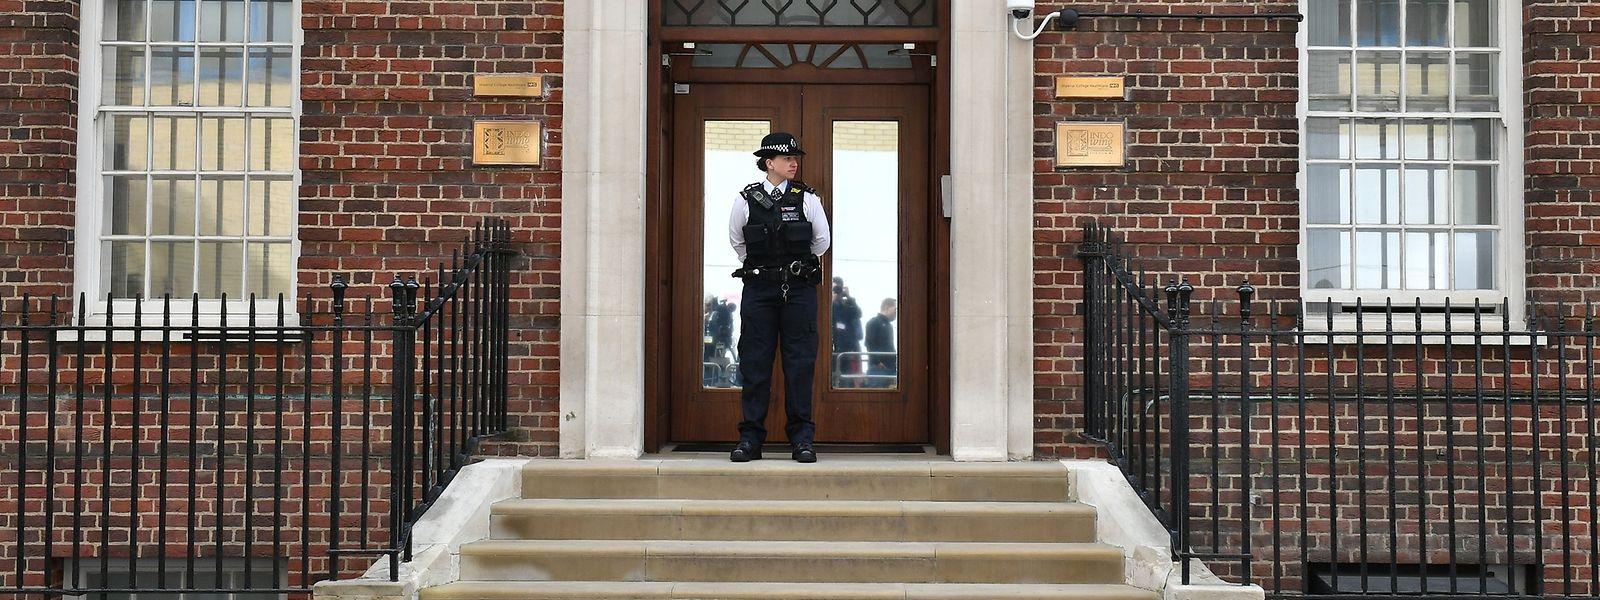 London: Polizei steht vor der Tür des St. Mary's Hospitals im Londoner Stadtteil Paddington. In dem Krankenhaus wird die britischen Herzogin Kate ihr drittes Kind zur Welt bringen.